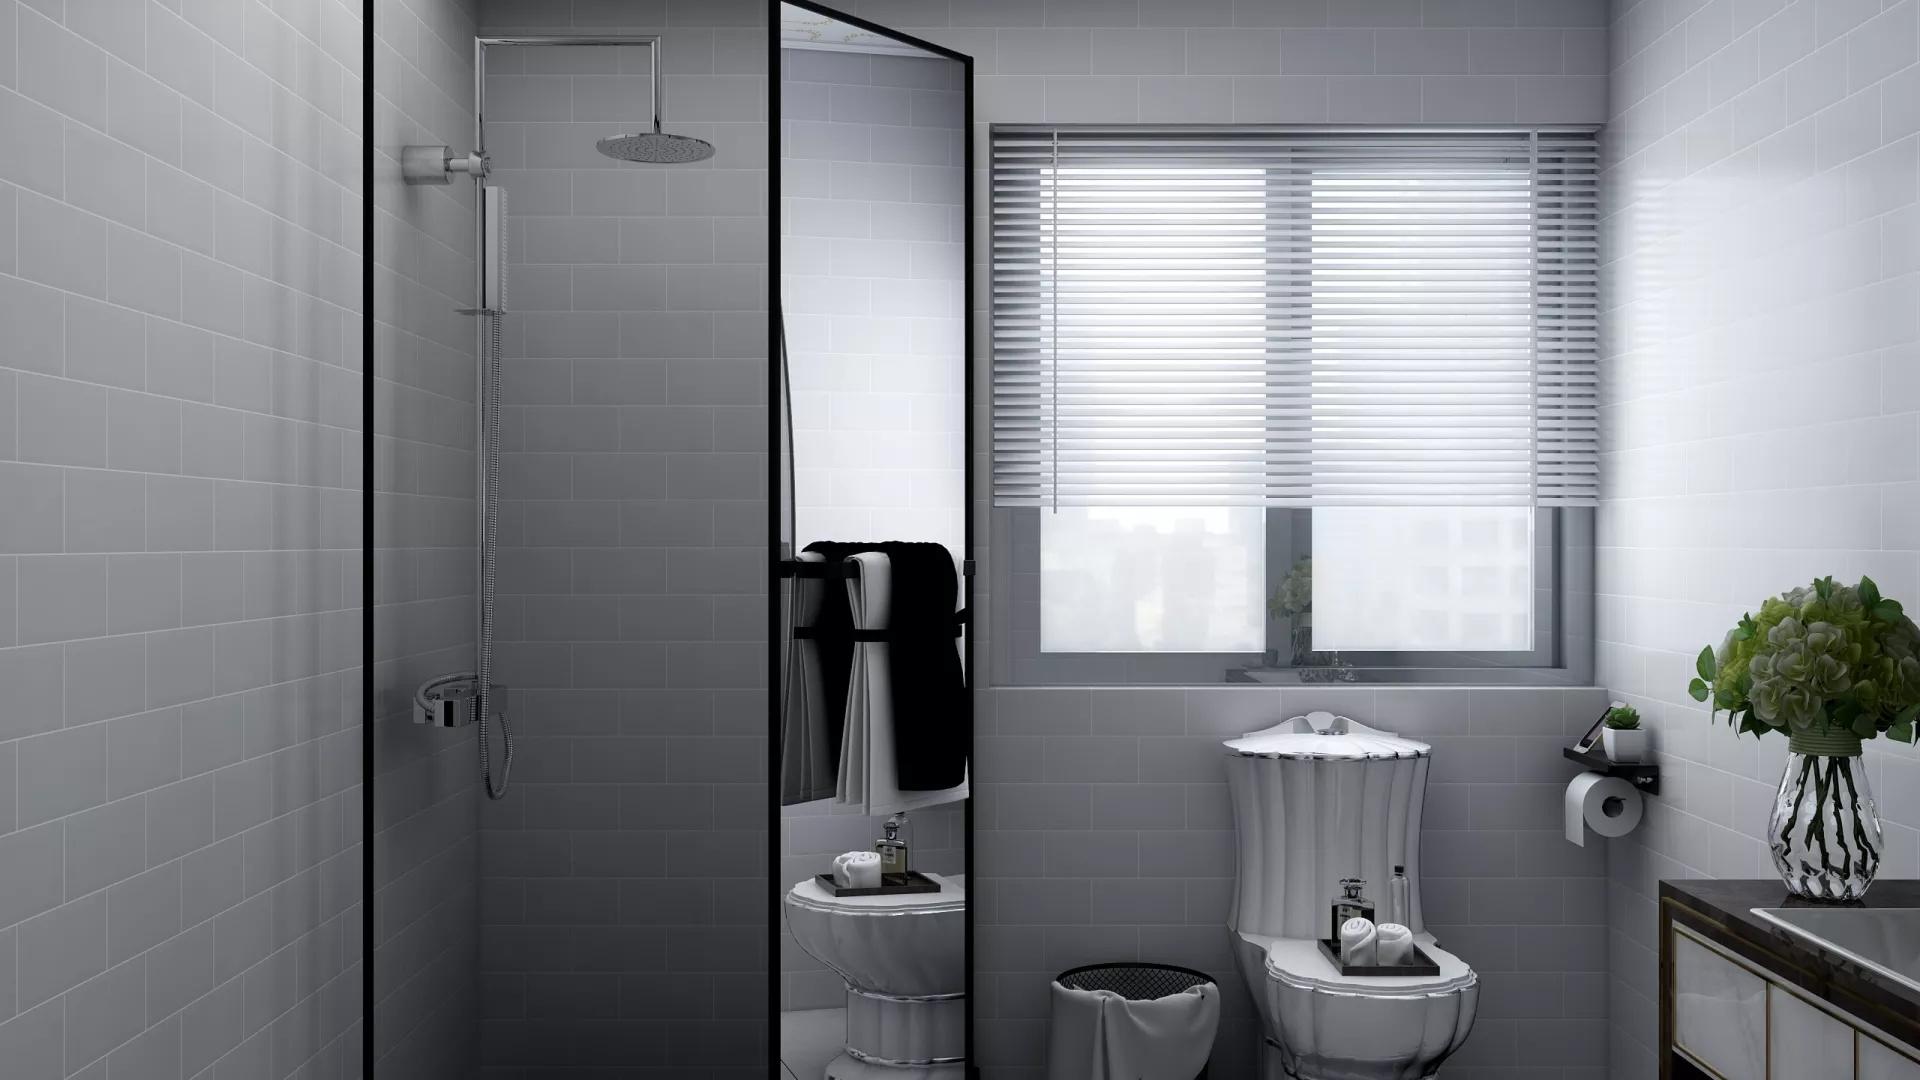 卫生间风水:卫生间镜子的风水讲究详解